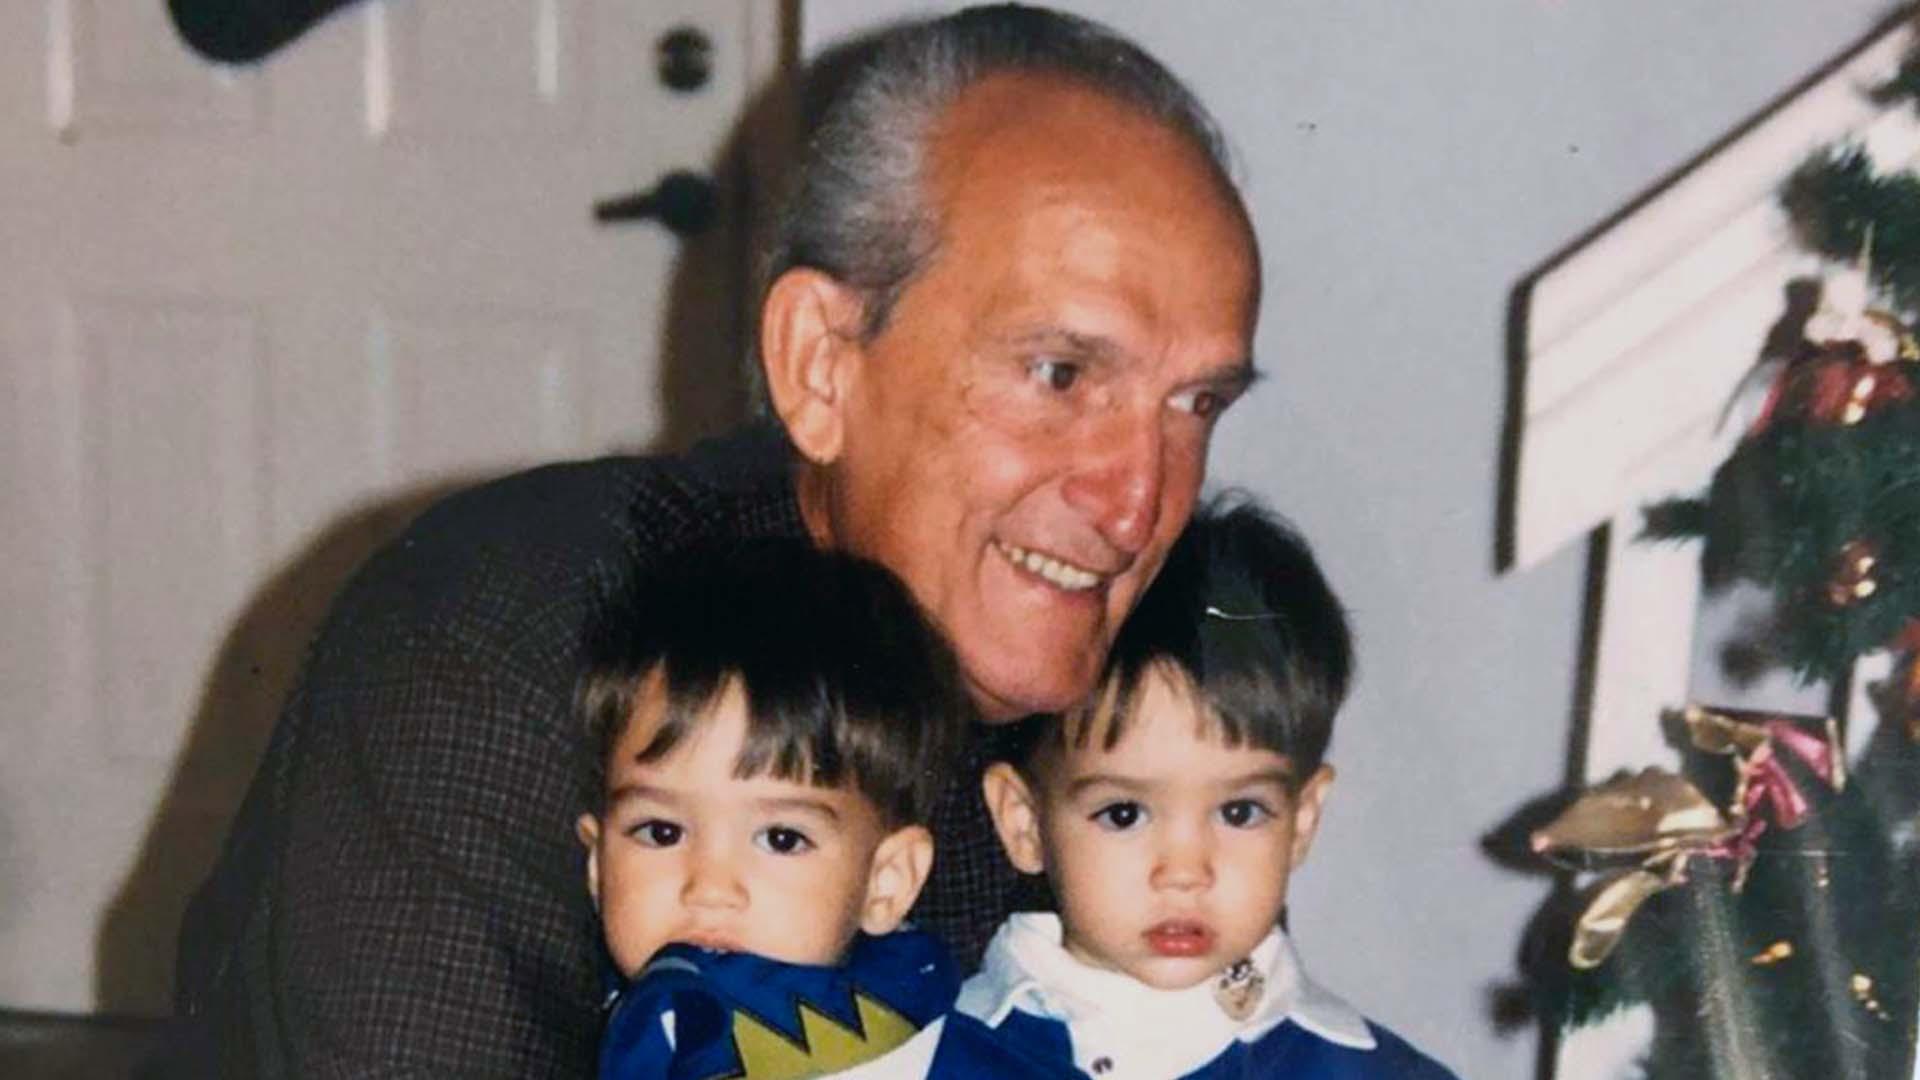 Adiós papá... El Roble, por Orlando Viera-Blanco*